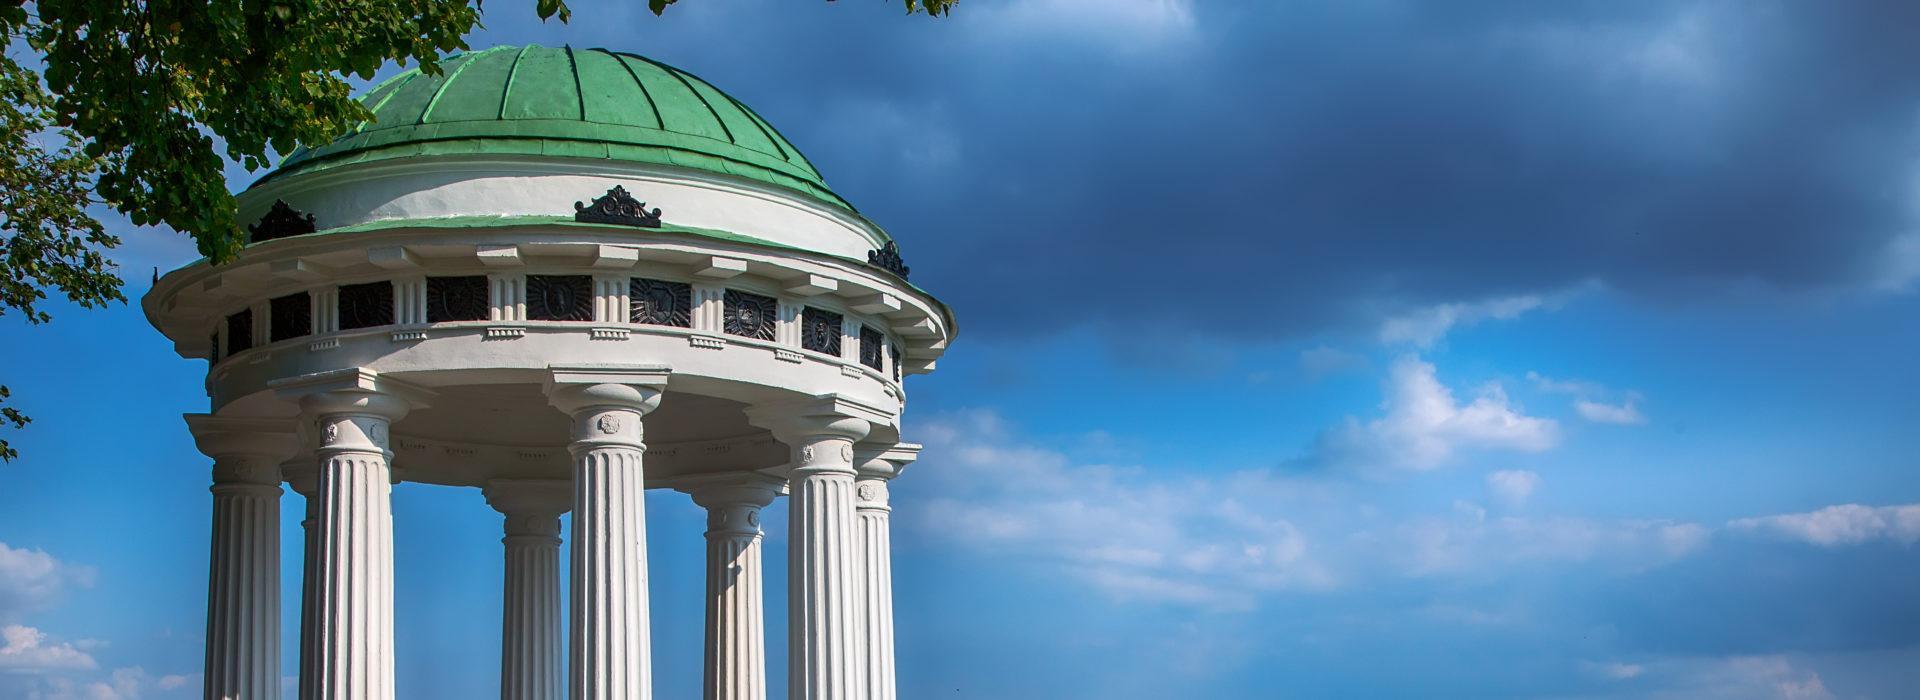 Весенние выходные  в  Ярославле  –  есть что посмотреть!